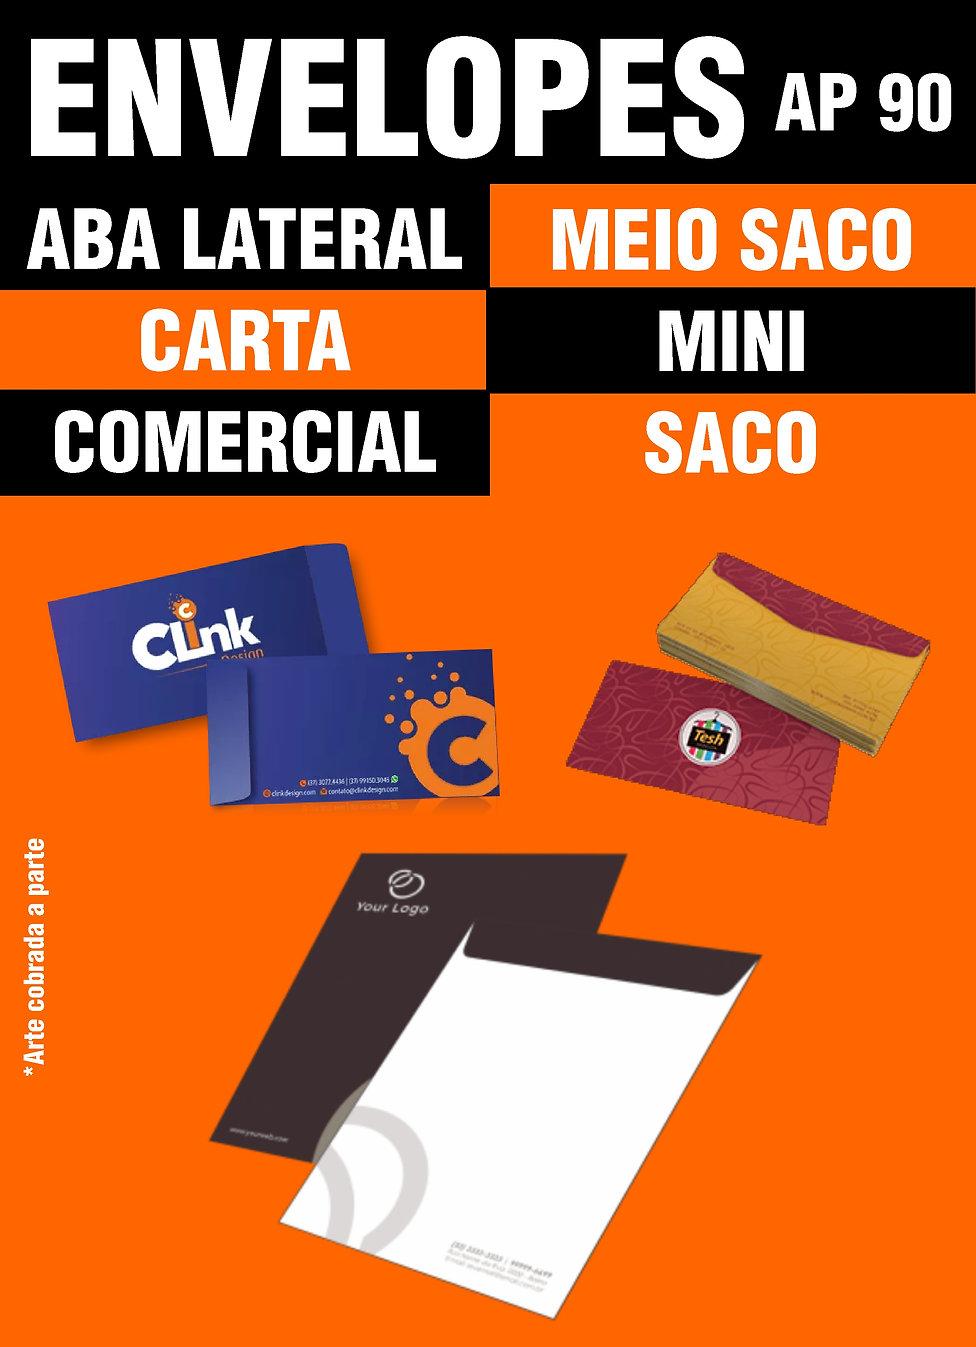 Preços Envelopes.jpg